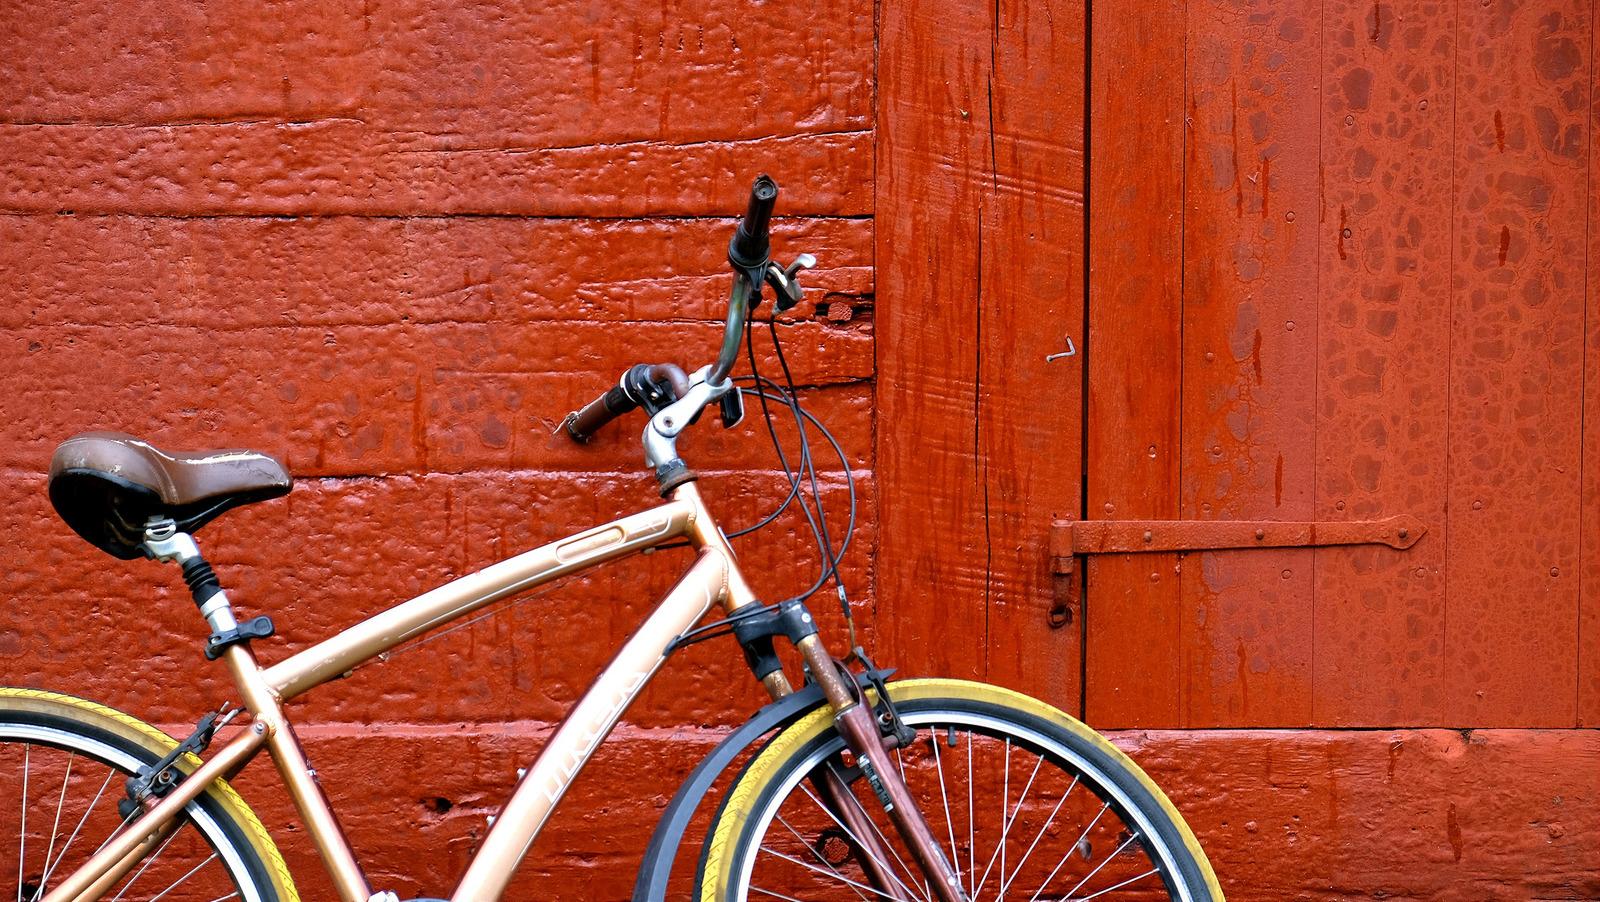 Serena Tang bikes in Iceland (Photo by Serena Tang)